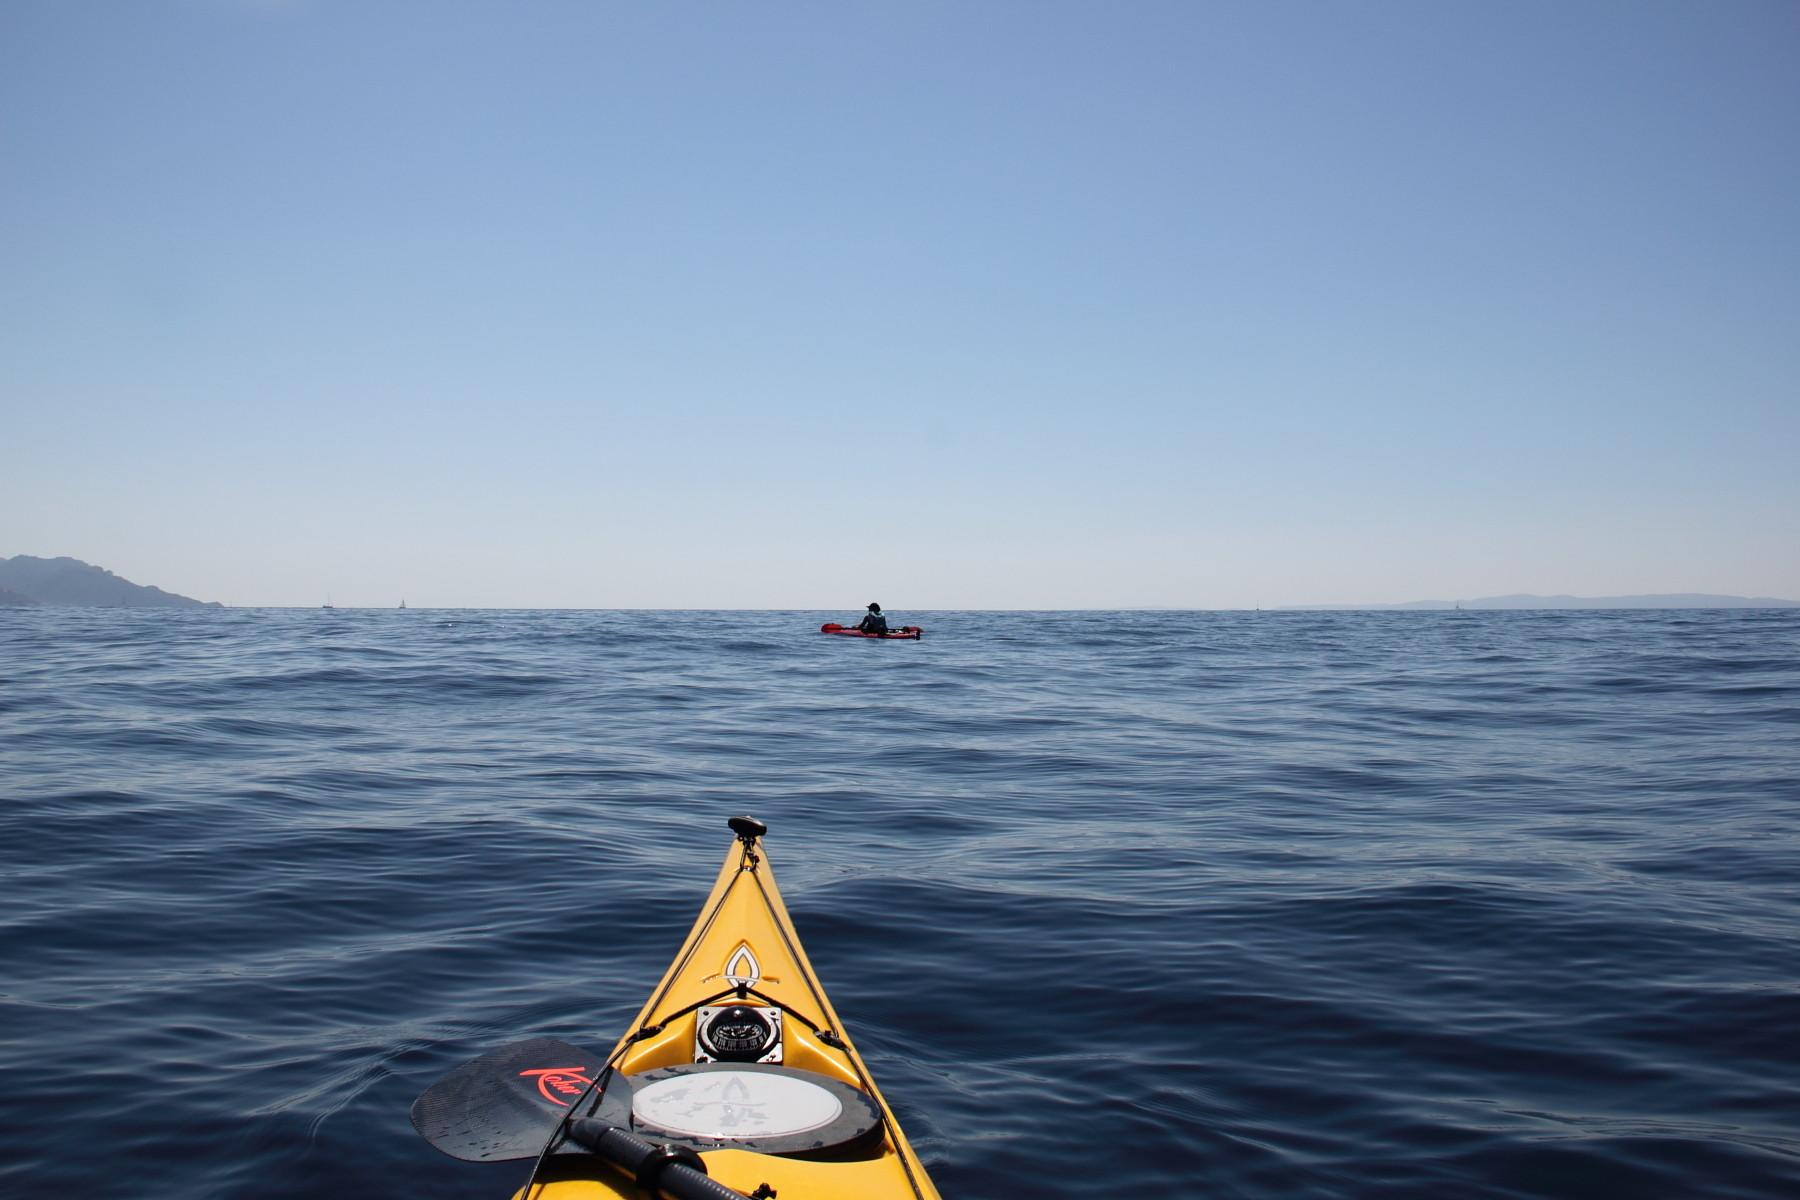 Die endlose Weite des Meeres... und dabei befinden wir uns doch nur auf dem Mittelmeer!